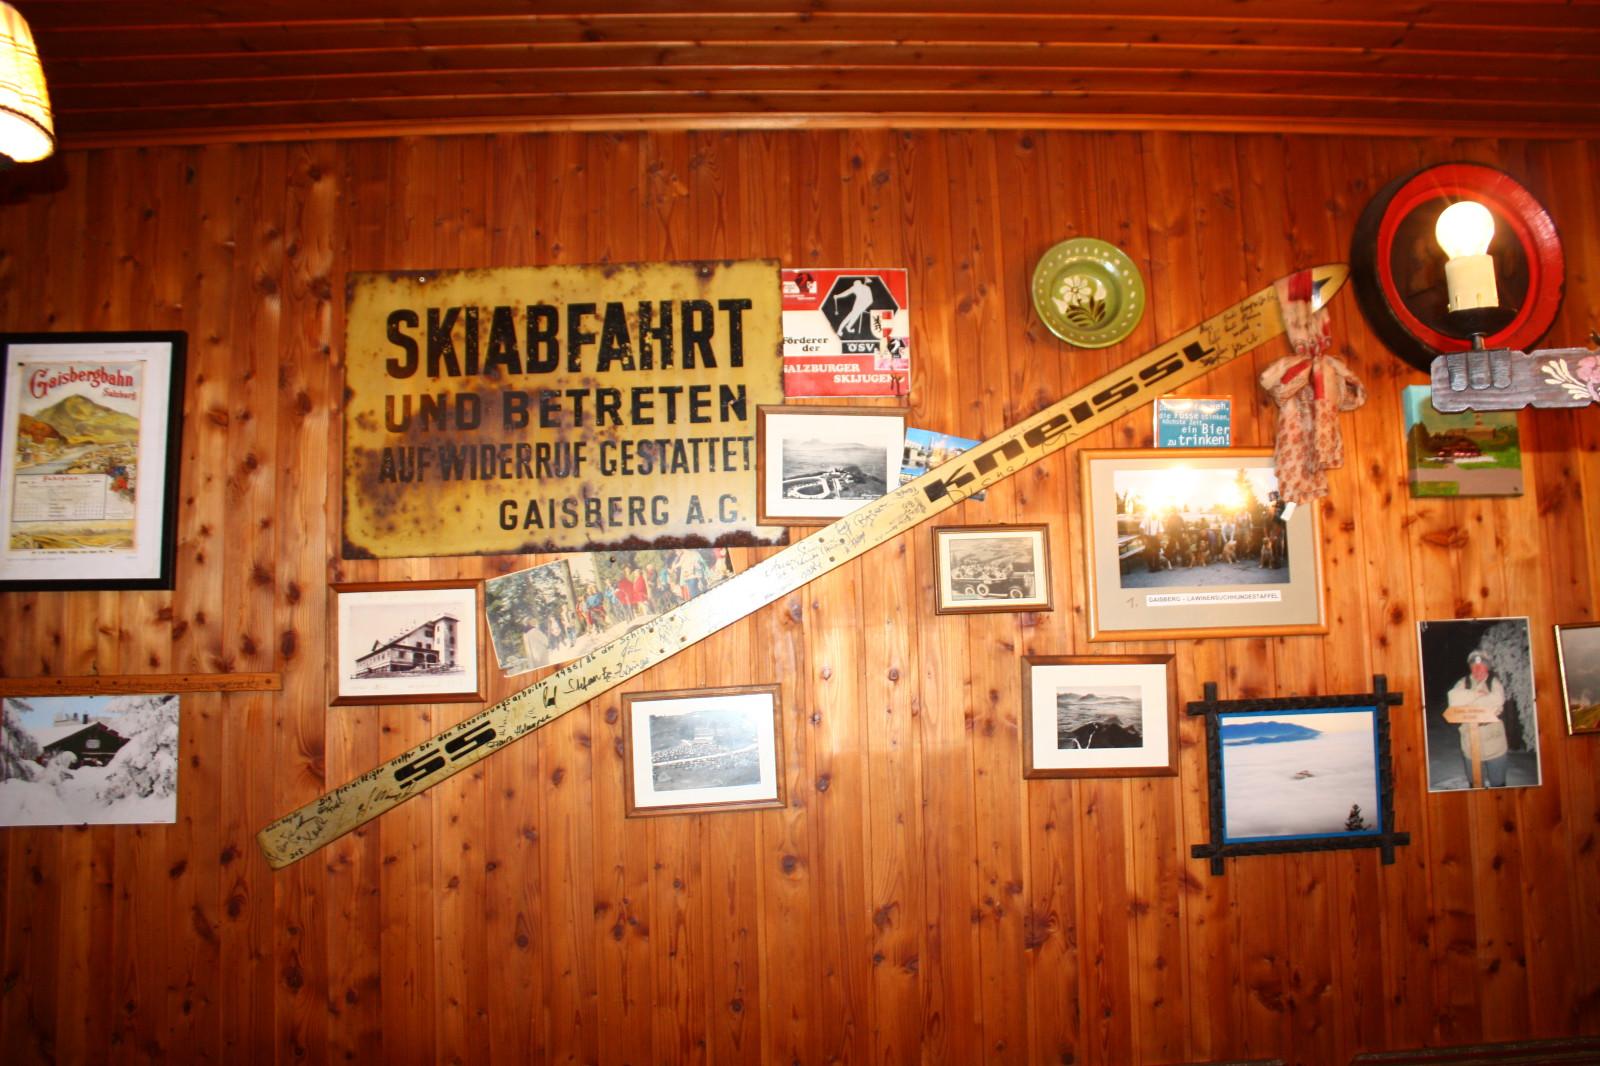 Sehr passend dekorierte Holzwand...